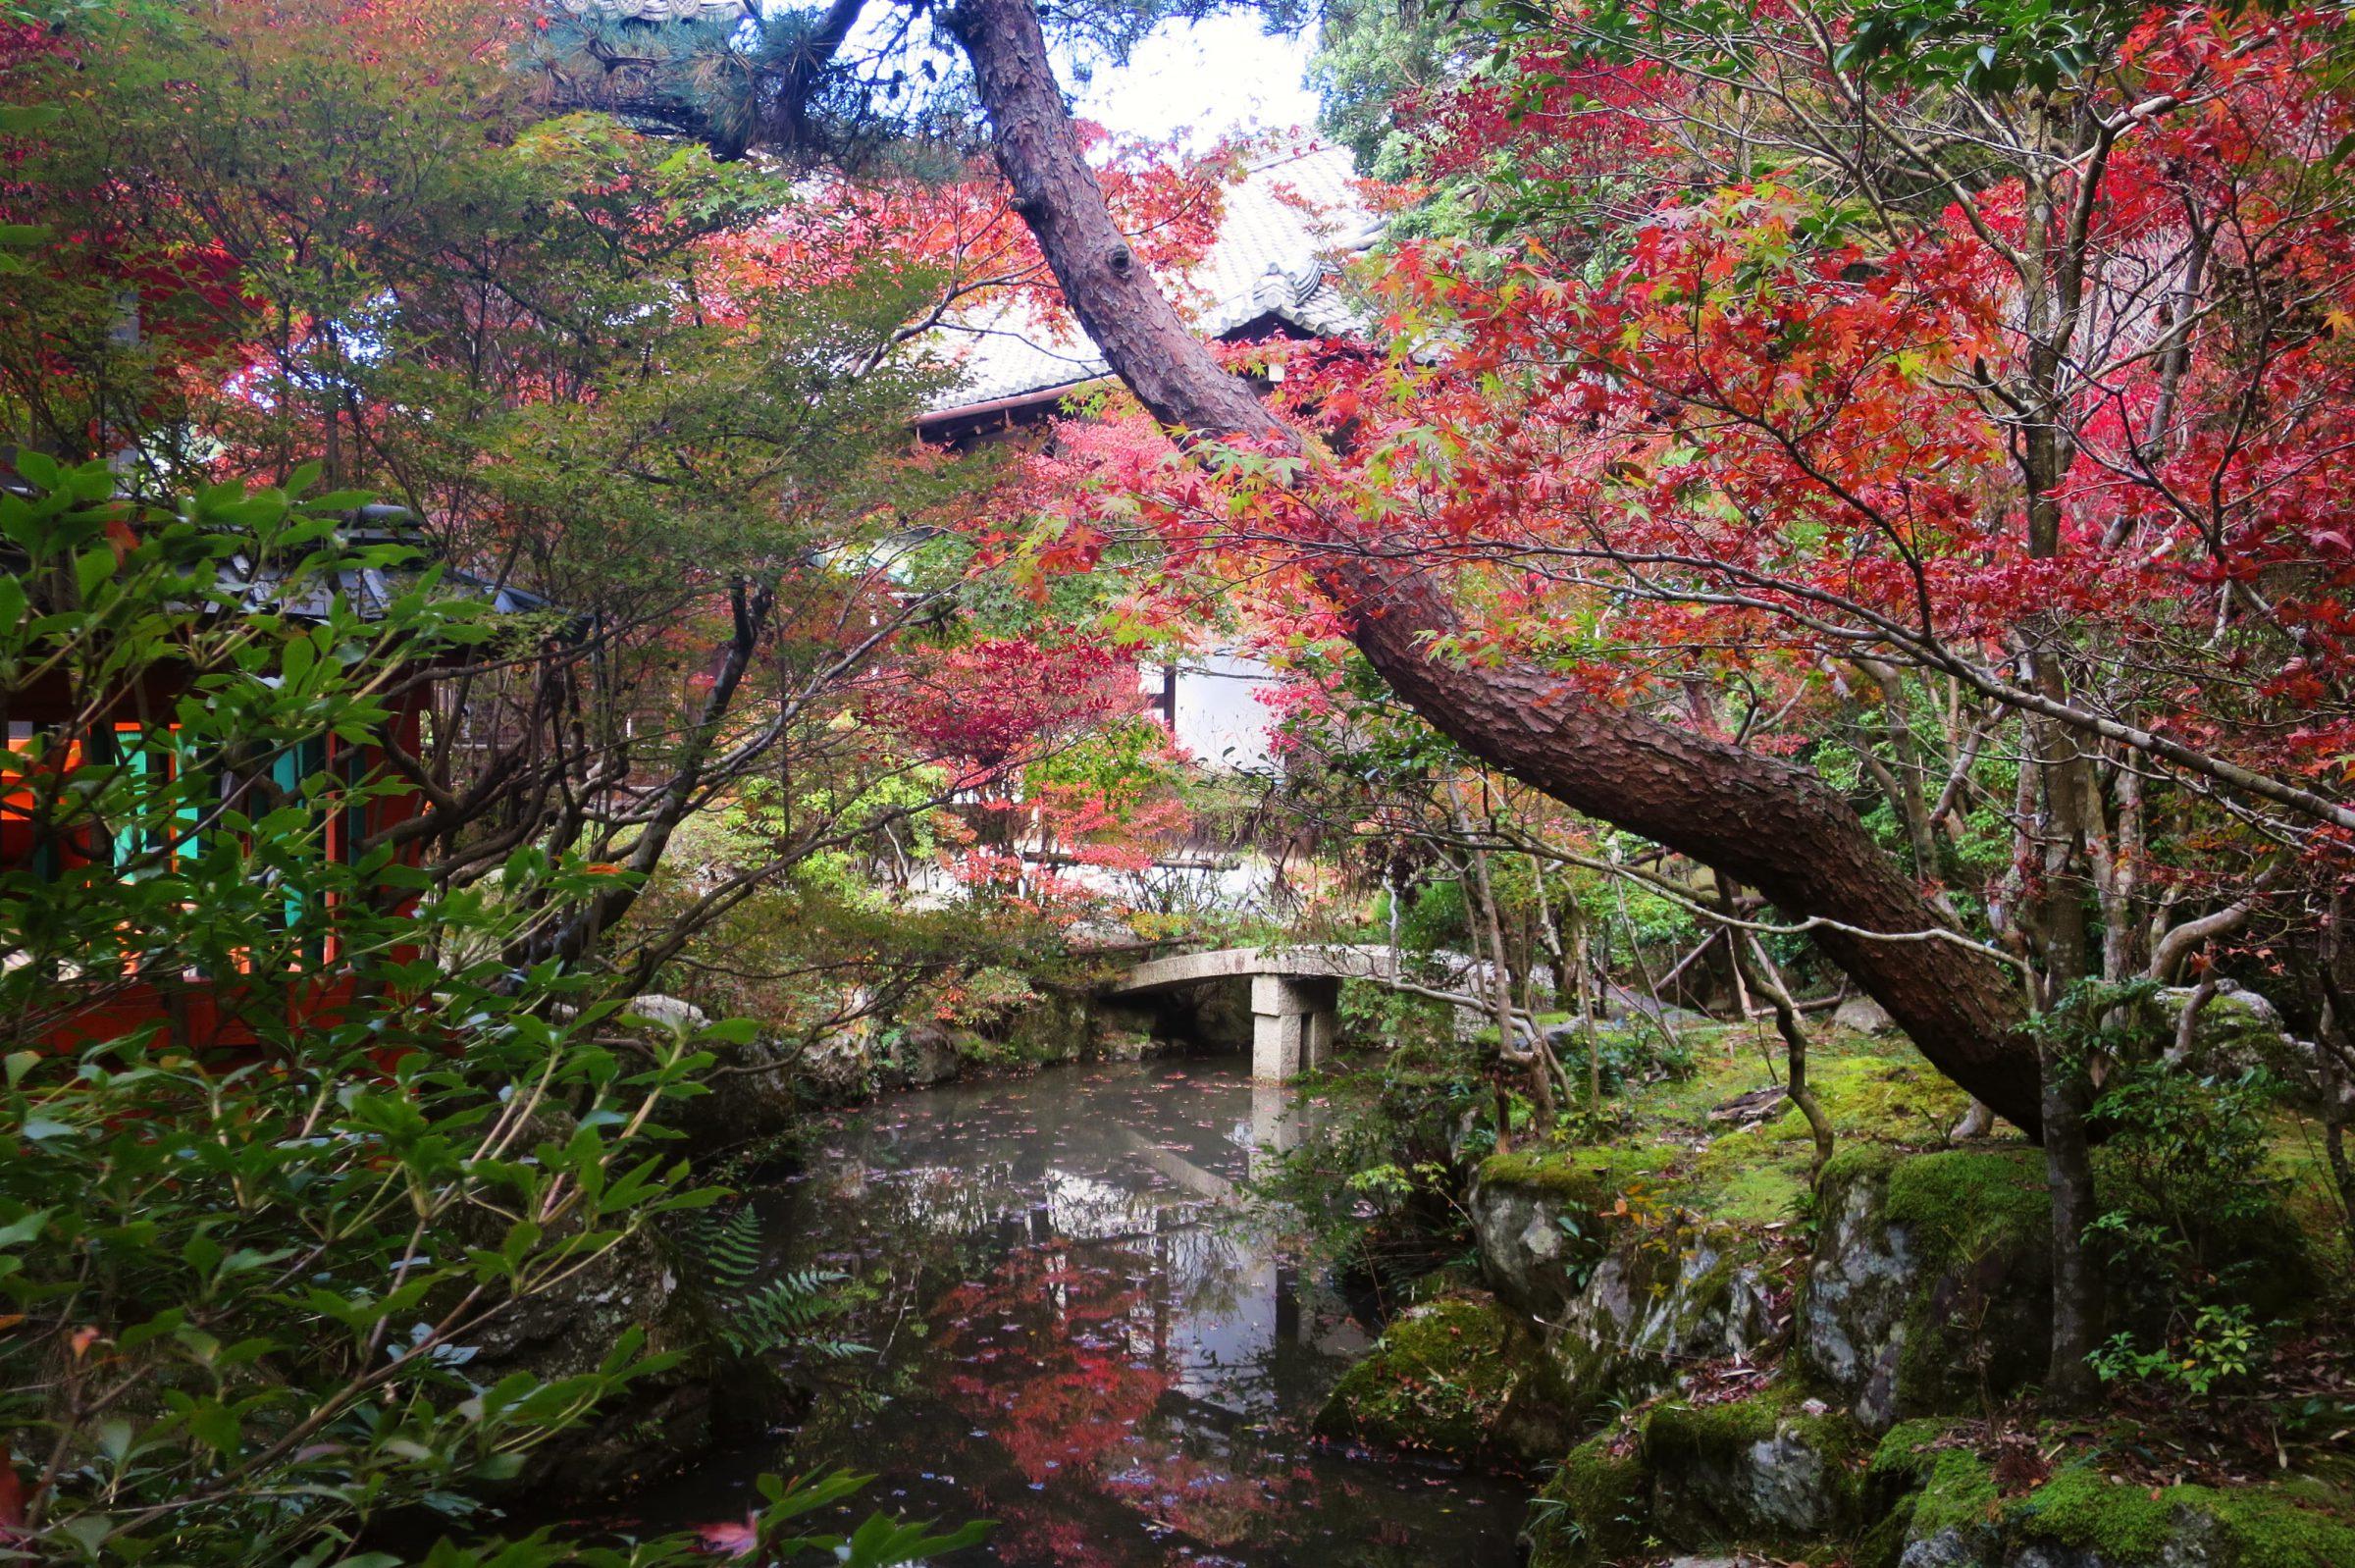 京都紅葉私藏景點推薦!山科「毘沙門堂」優美楓紅美景